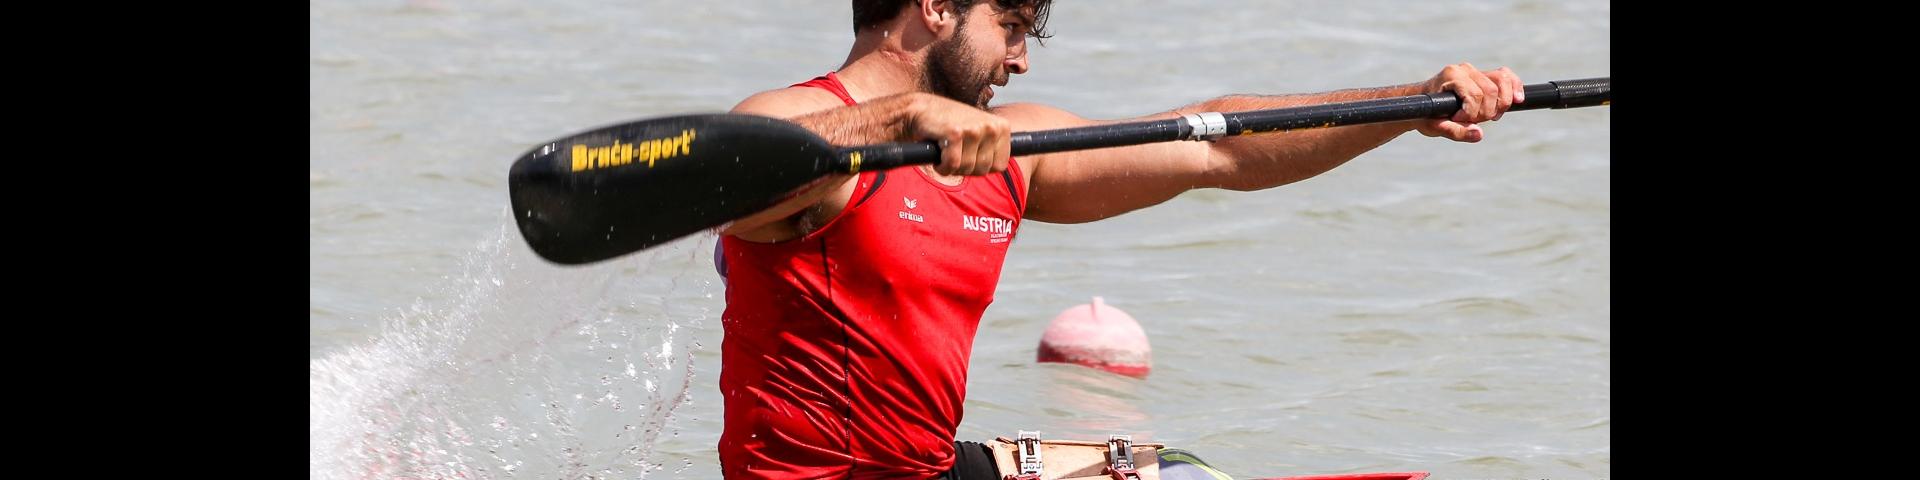 Austria Markus Swoboda Paracanoe